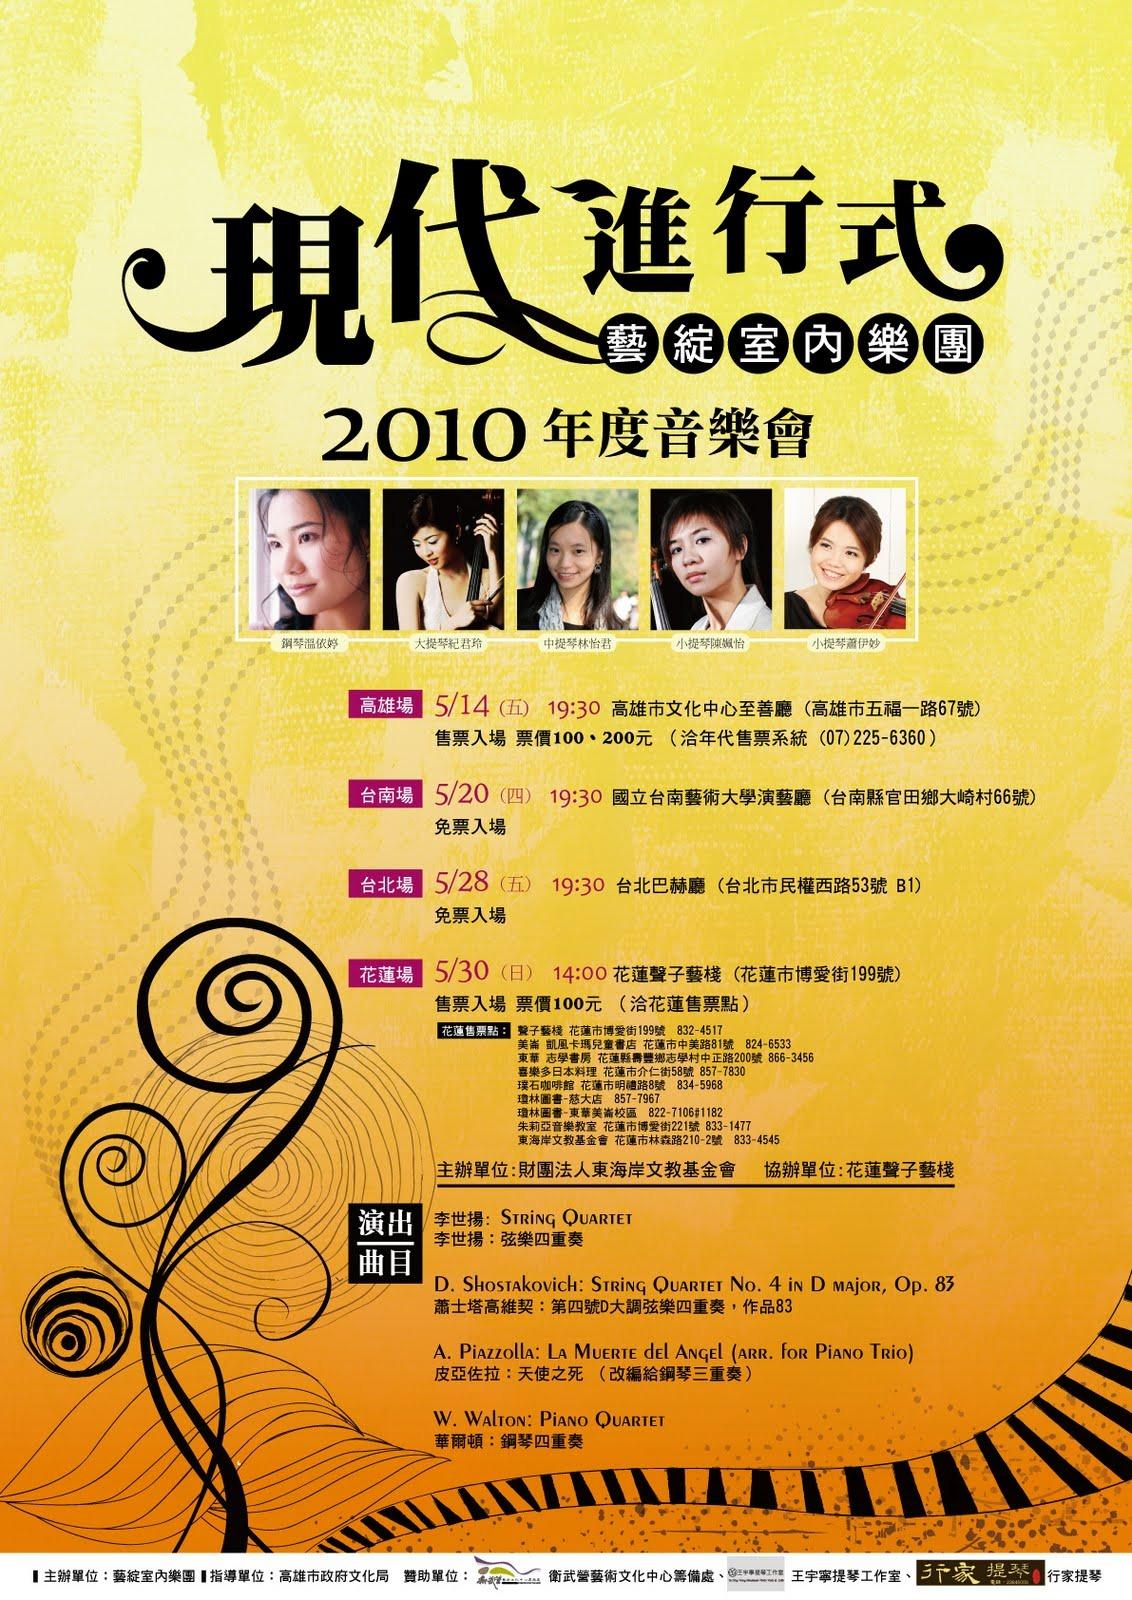 【音樂會】現代進行式-藝綻室內樂團2010年度音樂會